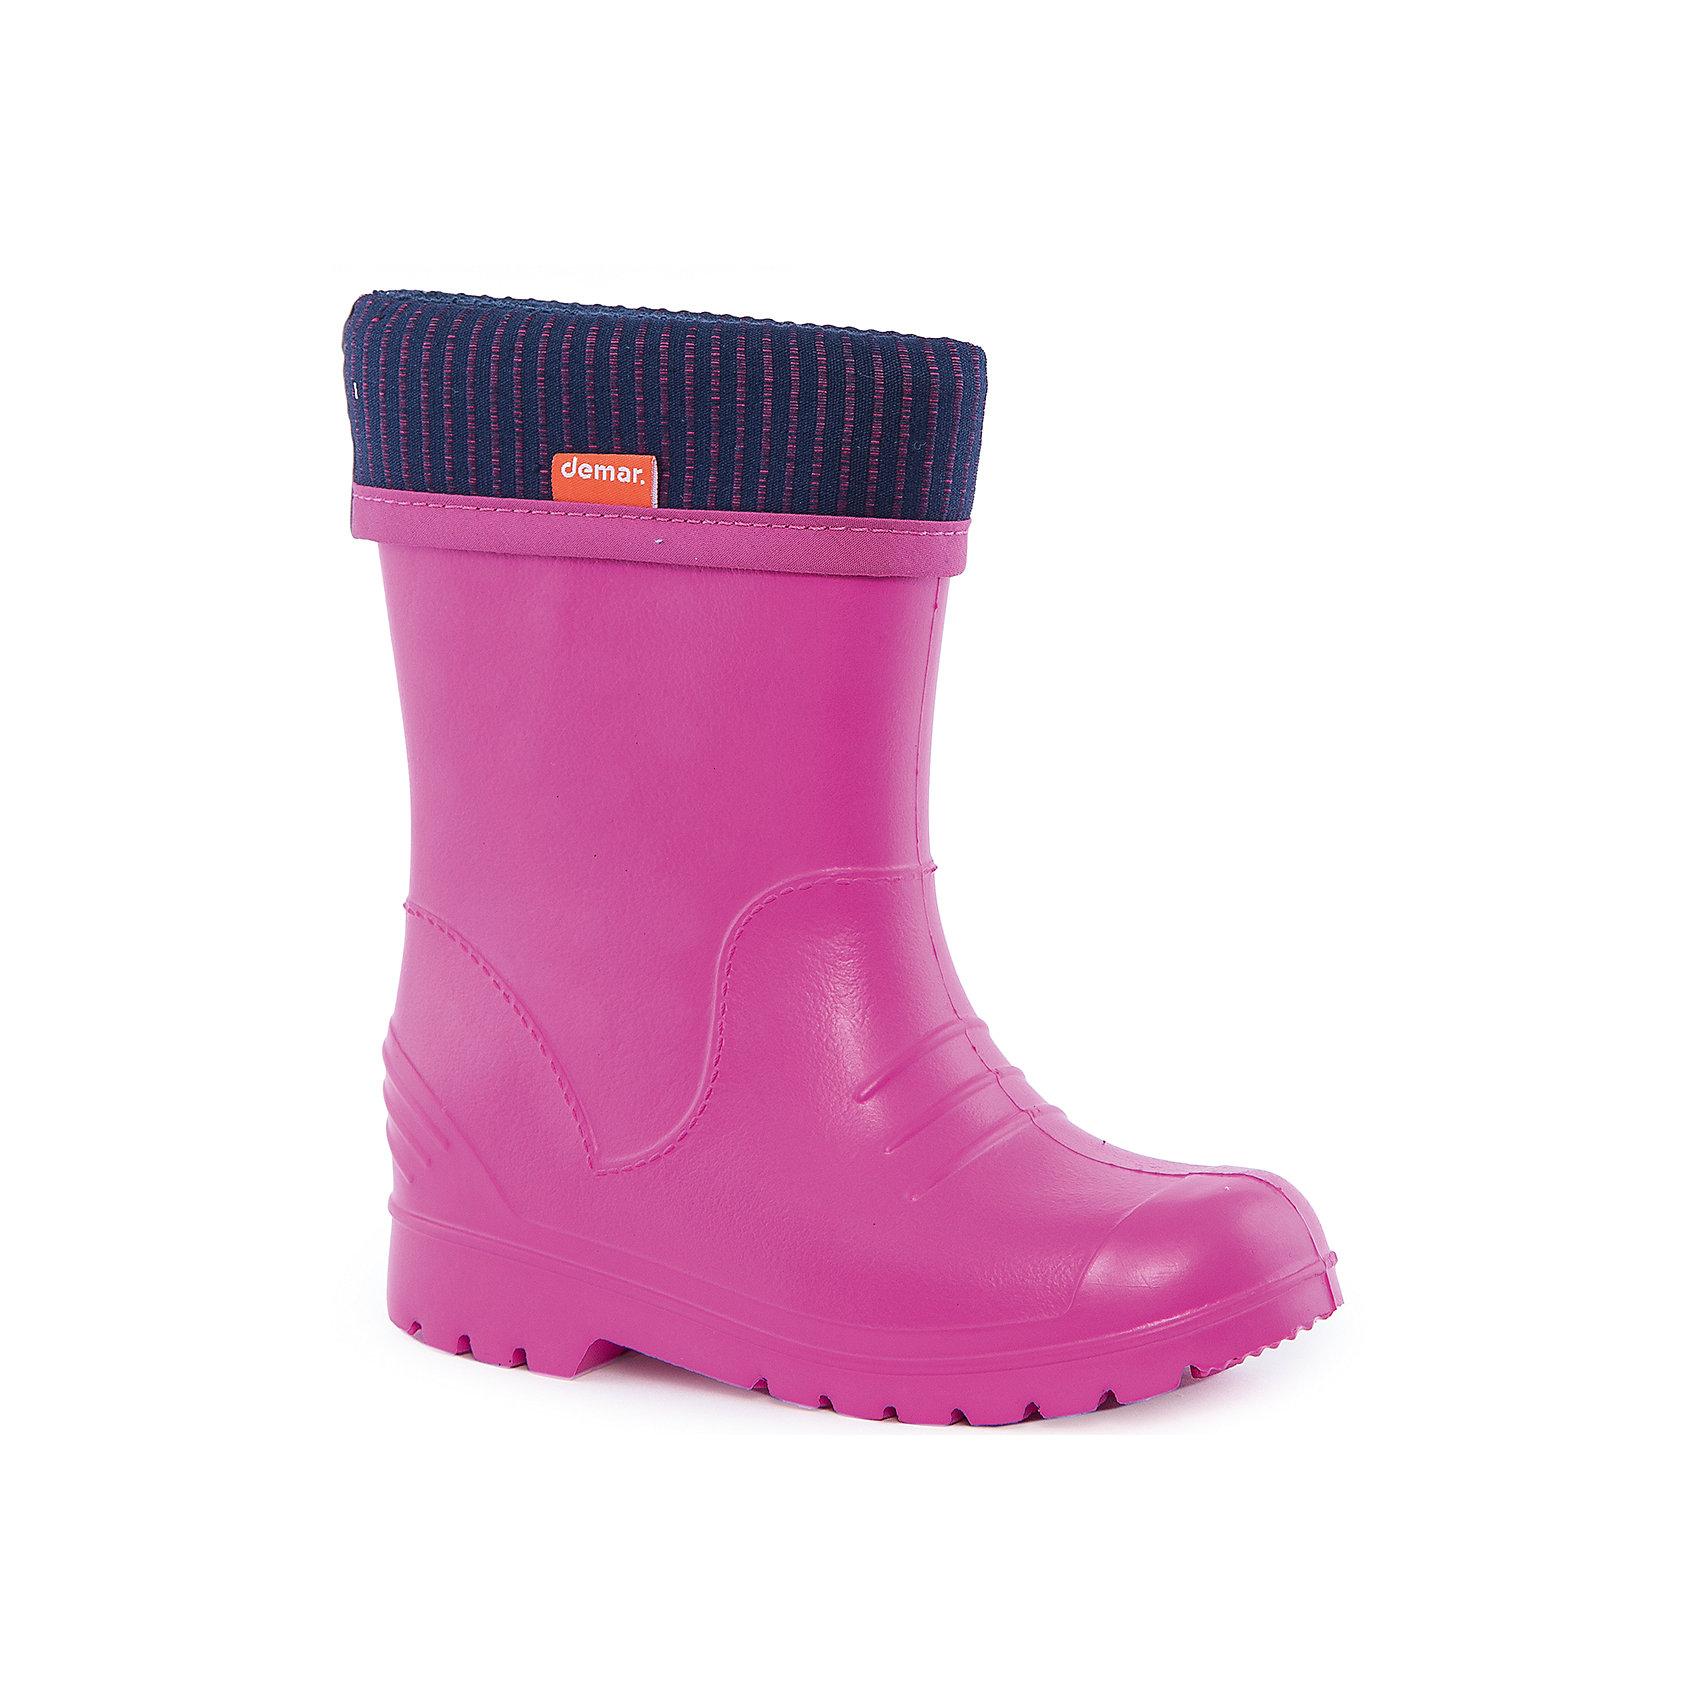 Резиновые сапоги Dino для девочки DEMARРезиновые сапоги<br>Характеристики товара:<br><br>• цвет: розовый<br>• материал верха: ЭВА<br>• материал подкладки: текстиль <br>• съемный внутренний сапожок<br>• материал подошвы: ЭВА<br>• температурный режим: от 0° до +15° С<br>• верх не продувается<br>• стильный дизайн<br>• страна бренда: Польша<br>• страна изготовитель: Польша<br><br>Осенью и весной ребенку не обойтись без непромокаемых сапожек! Чтобы не пропустить главные удовольствия межсезонья, нужно запастись удобной обувью. Такие сапожки обеспечат ребенку необходимый для активного отдыха комфорт, а подкладка из текстиля позволит ножкам оставаться теплыми. Сапожки легко надеваются и снимаются, отлично сидят на ноге. Они удивительно легкие!<br>Обувь от польского бренда Demar - это качественные товары, созданные с применением новейших технологий и с использованием как натуральных, так и высокотехнологичных материалов. Обувь отличается стильным дизайном и продуманной конструкцией. Изделие производится из качественных и проверенных материалов, которые безопасны для детей.<br><br>Сапожки от бренда Demar (Демар) можно купить в нашем интернет-магазине.<br><br>Ширина мм: 237<br>Глубина мм: 180<br>Высота мм: 152<br>Вес г: 438<br>Цвет: розовый<br>Возраст от месяцев: 48<br>Возраст до месяцев: 60<br>Пол: Женский<br>Возраст: Детский<br>Размер: 36/37,34/35,32/33,30/31,24/25,26/27,22/23,28/29<br>SKU: 4576152